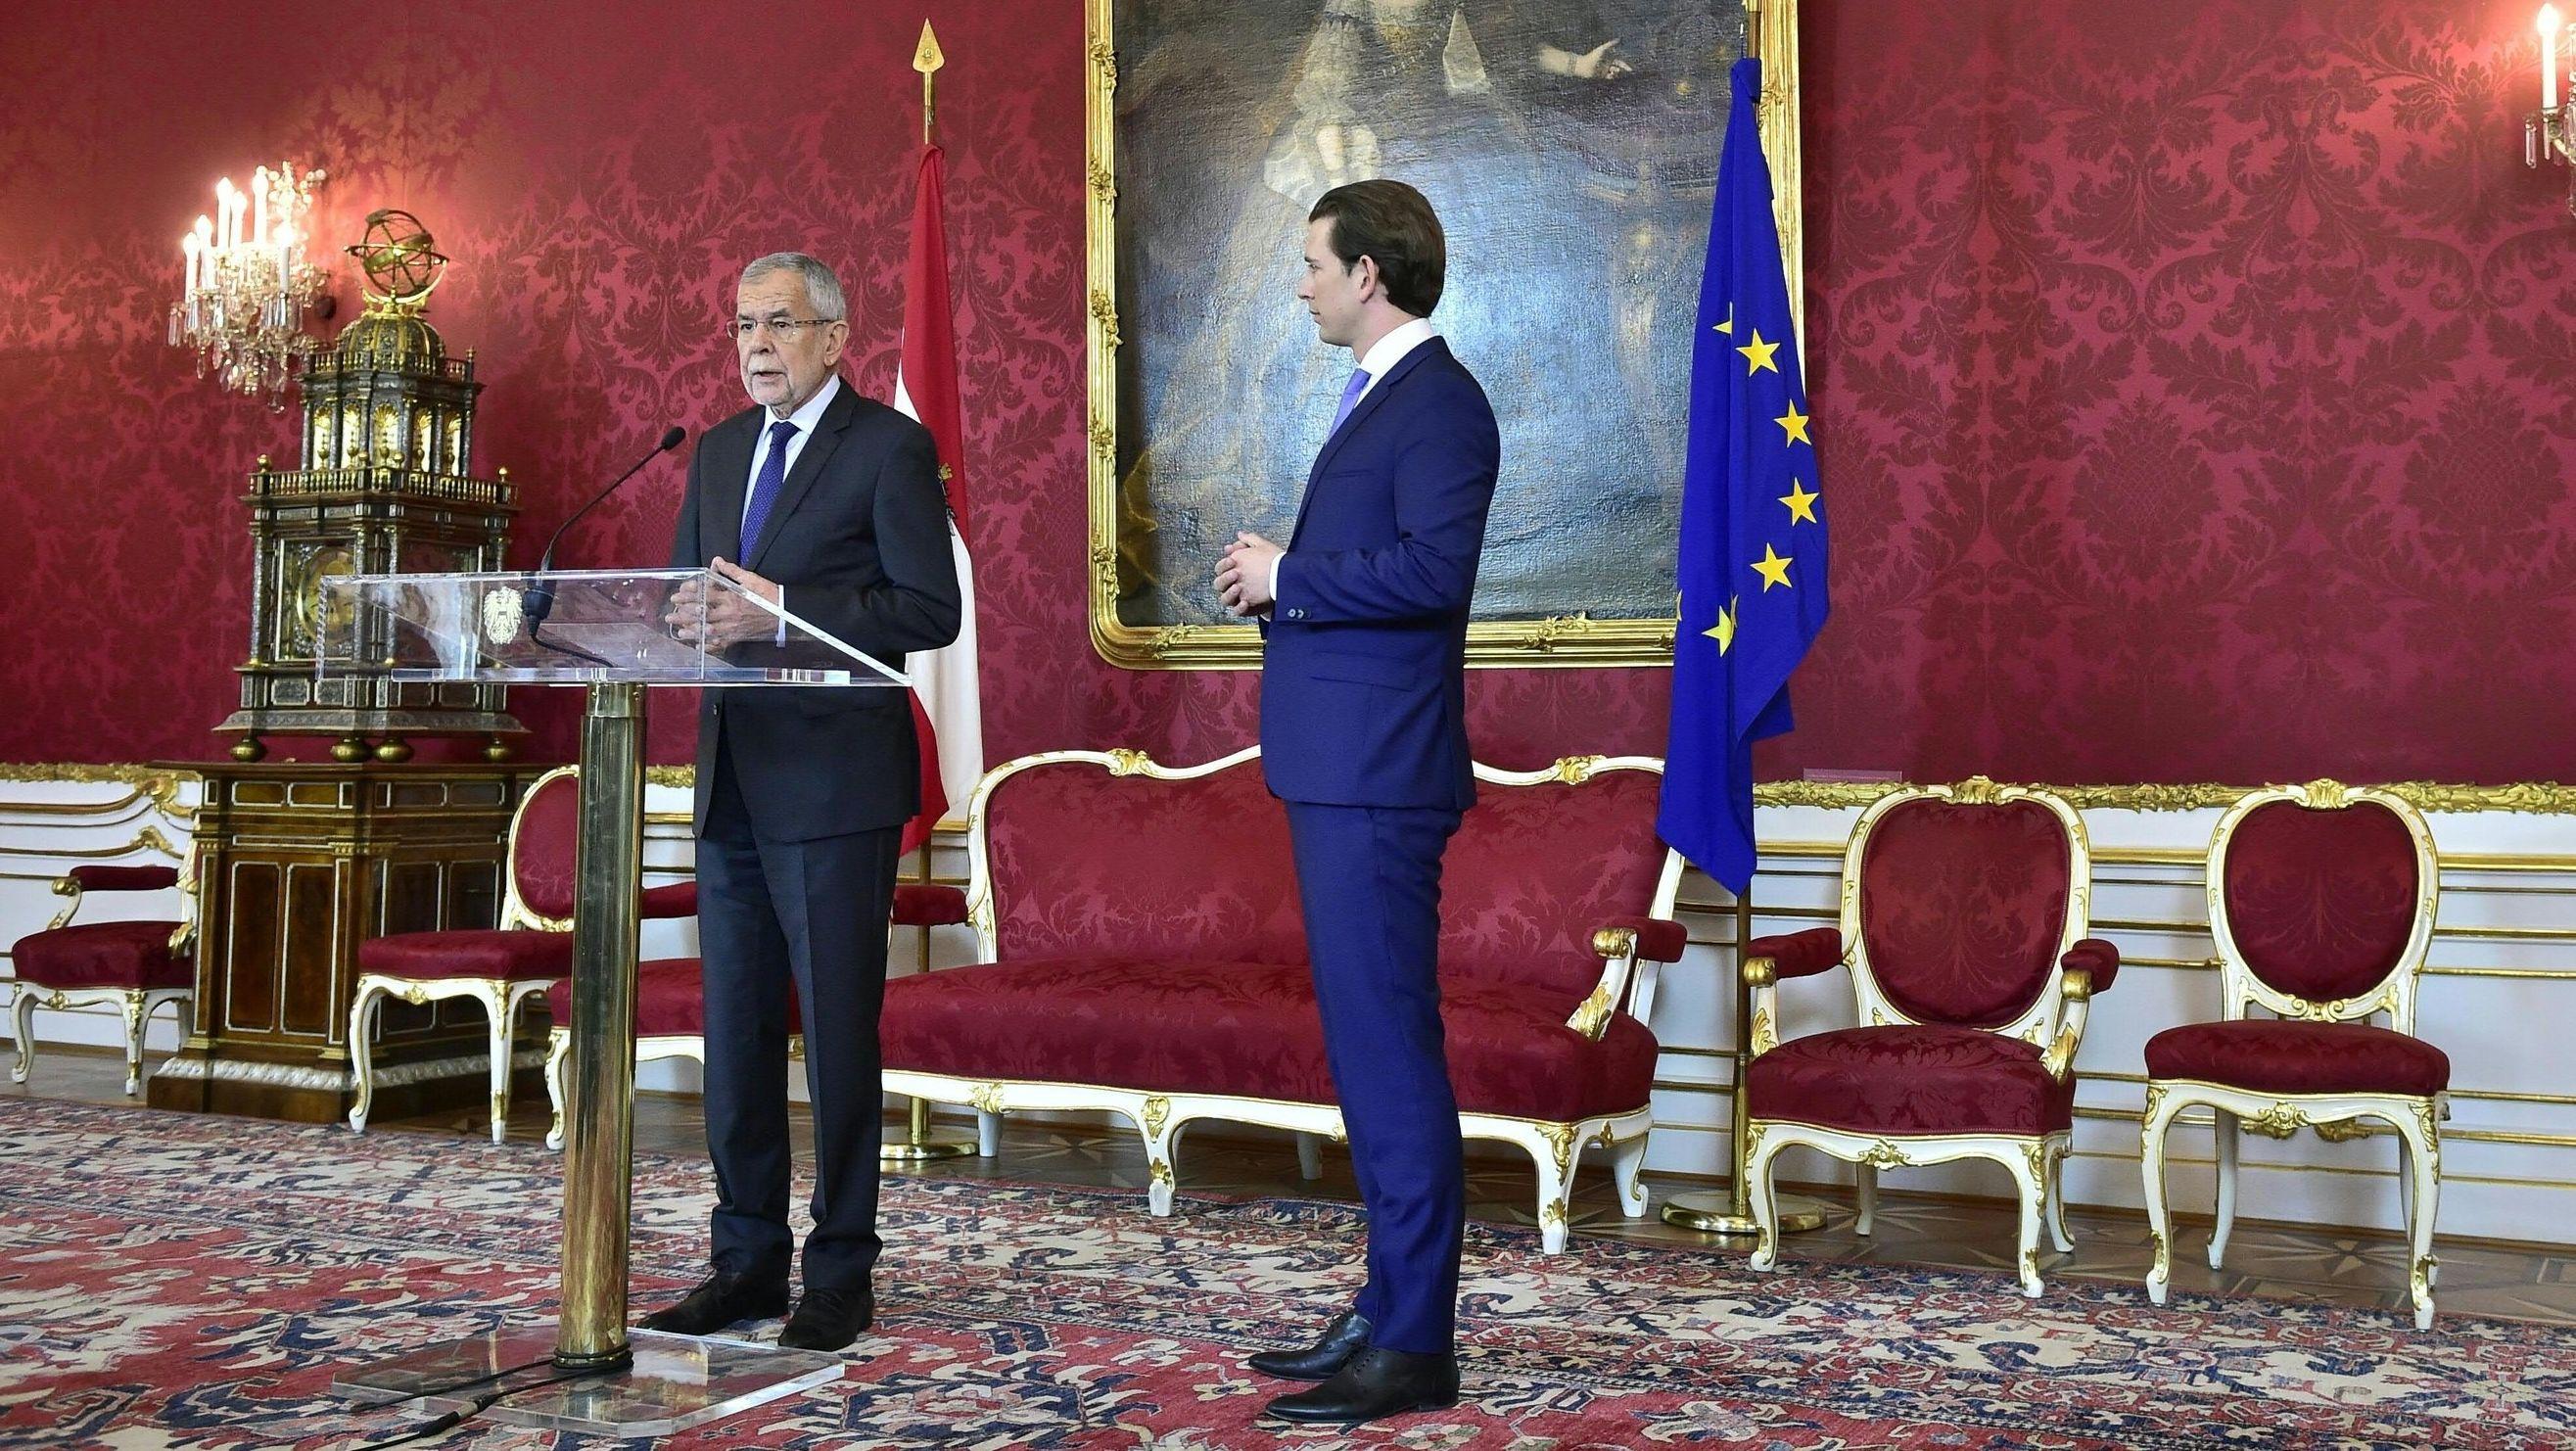 Alexander Van der Bellen, Bundespräsident von Österreich, spricht nach seinem Treffen mit Sebastian Kurz, Bundeskanzler von Österreich, zur Presse